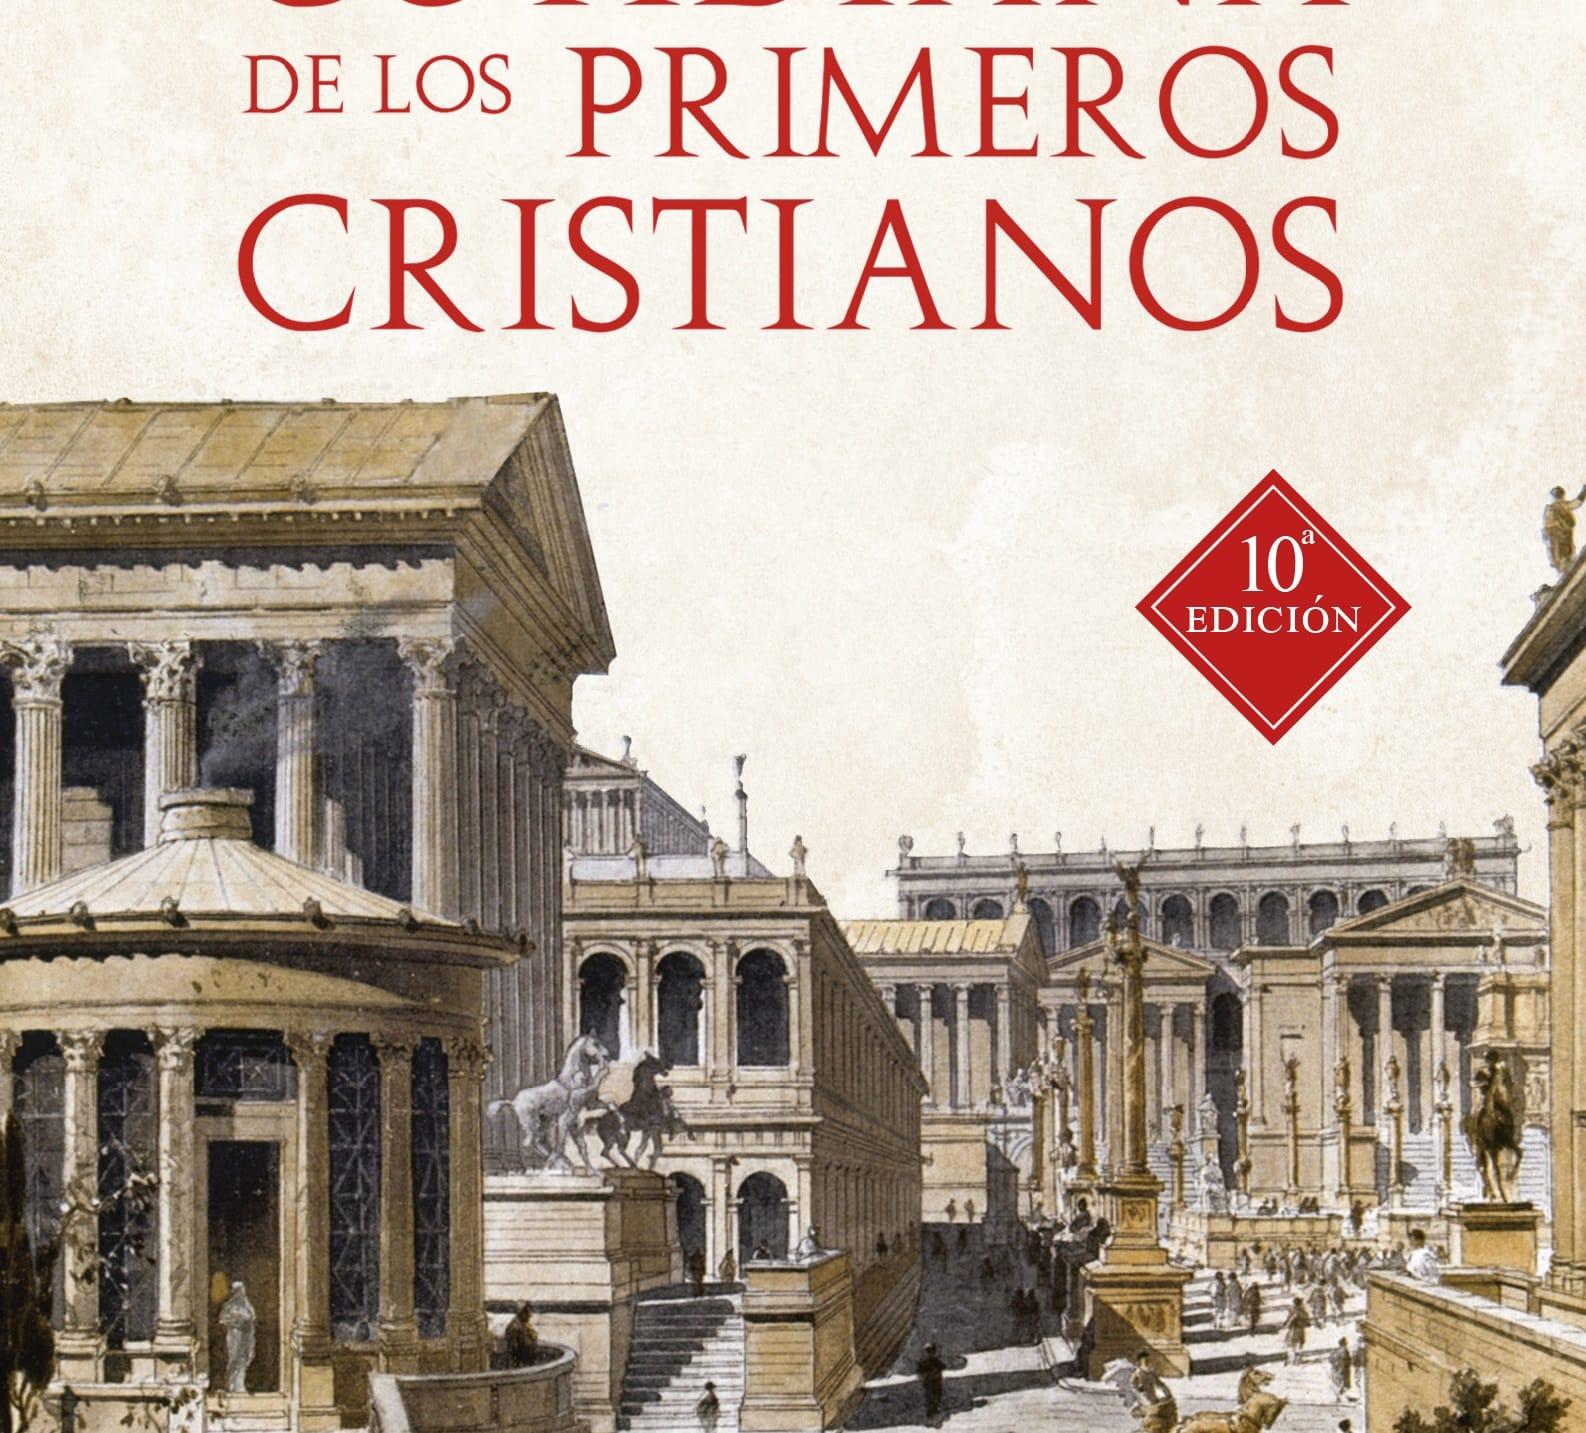 La vida cotidiana de los primeros cristianos - Hamman 1